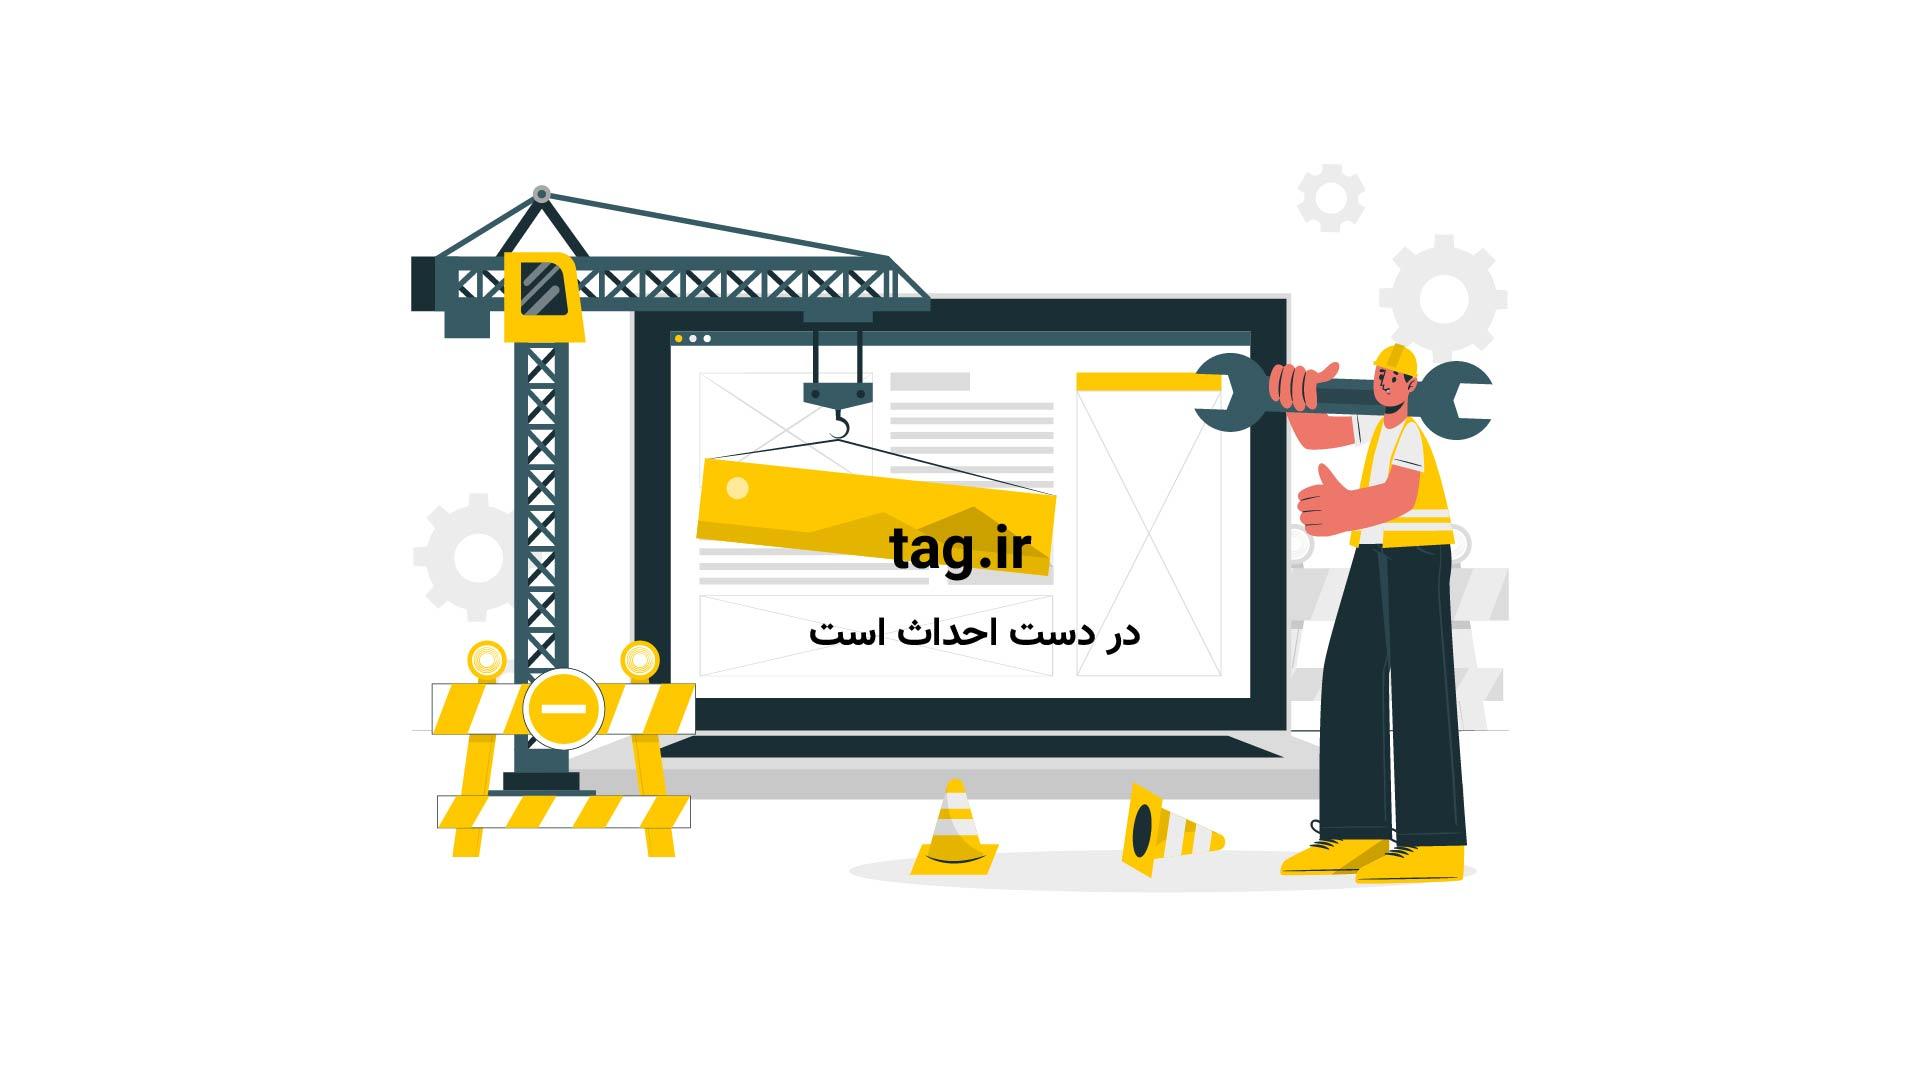 سخرانیهای تد؛ آیا مغز میتواند خود را بازیابی کند | فیلم